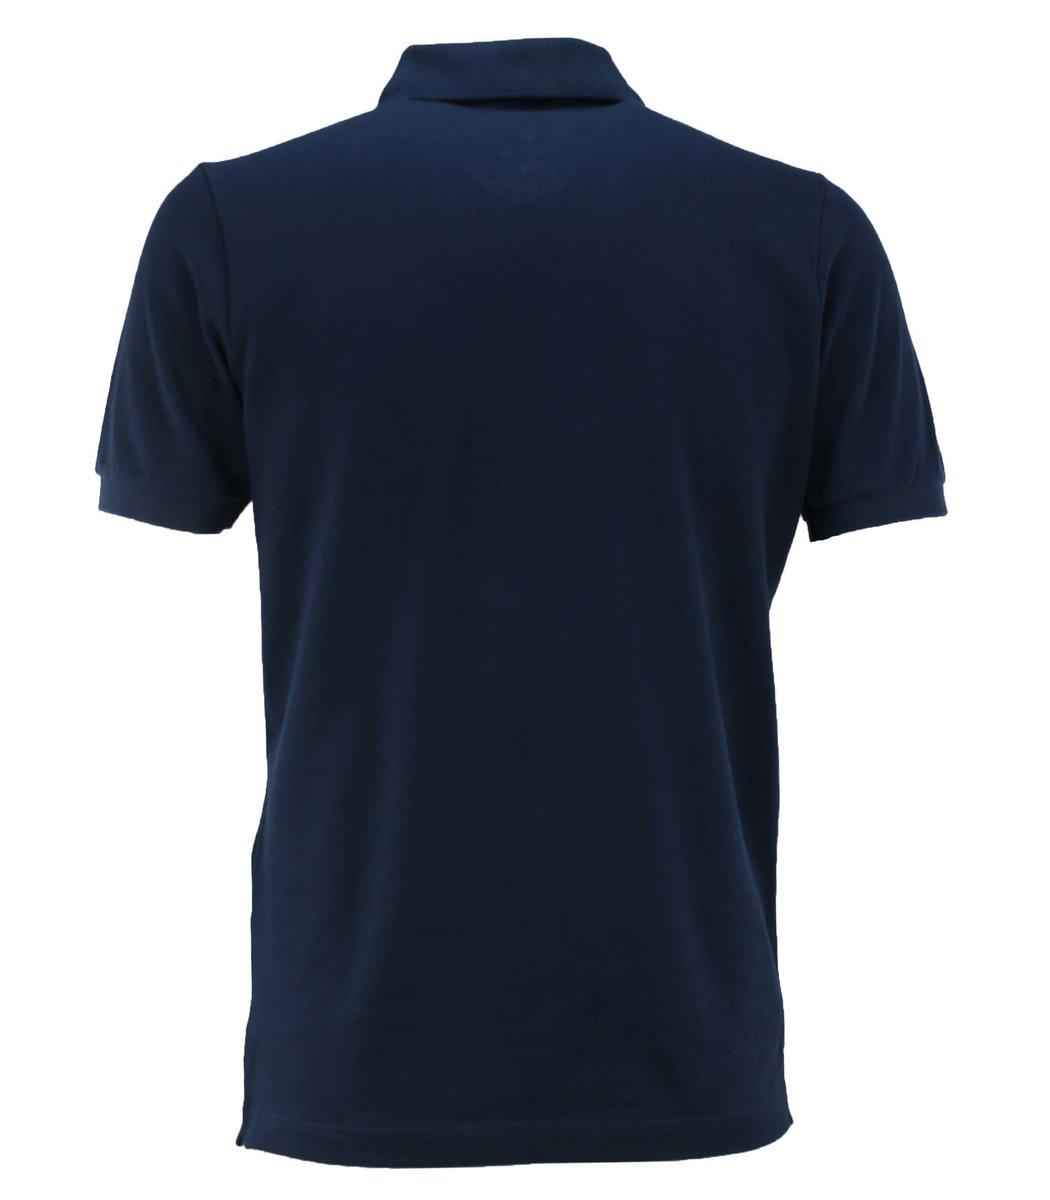 Тёмно-синяя футболка поло Hugo Boss HB6 (2)